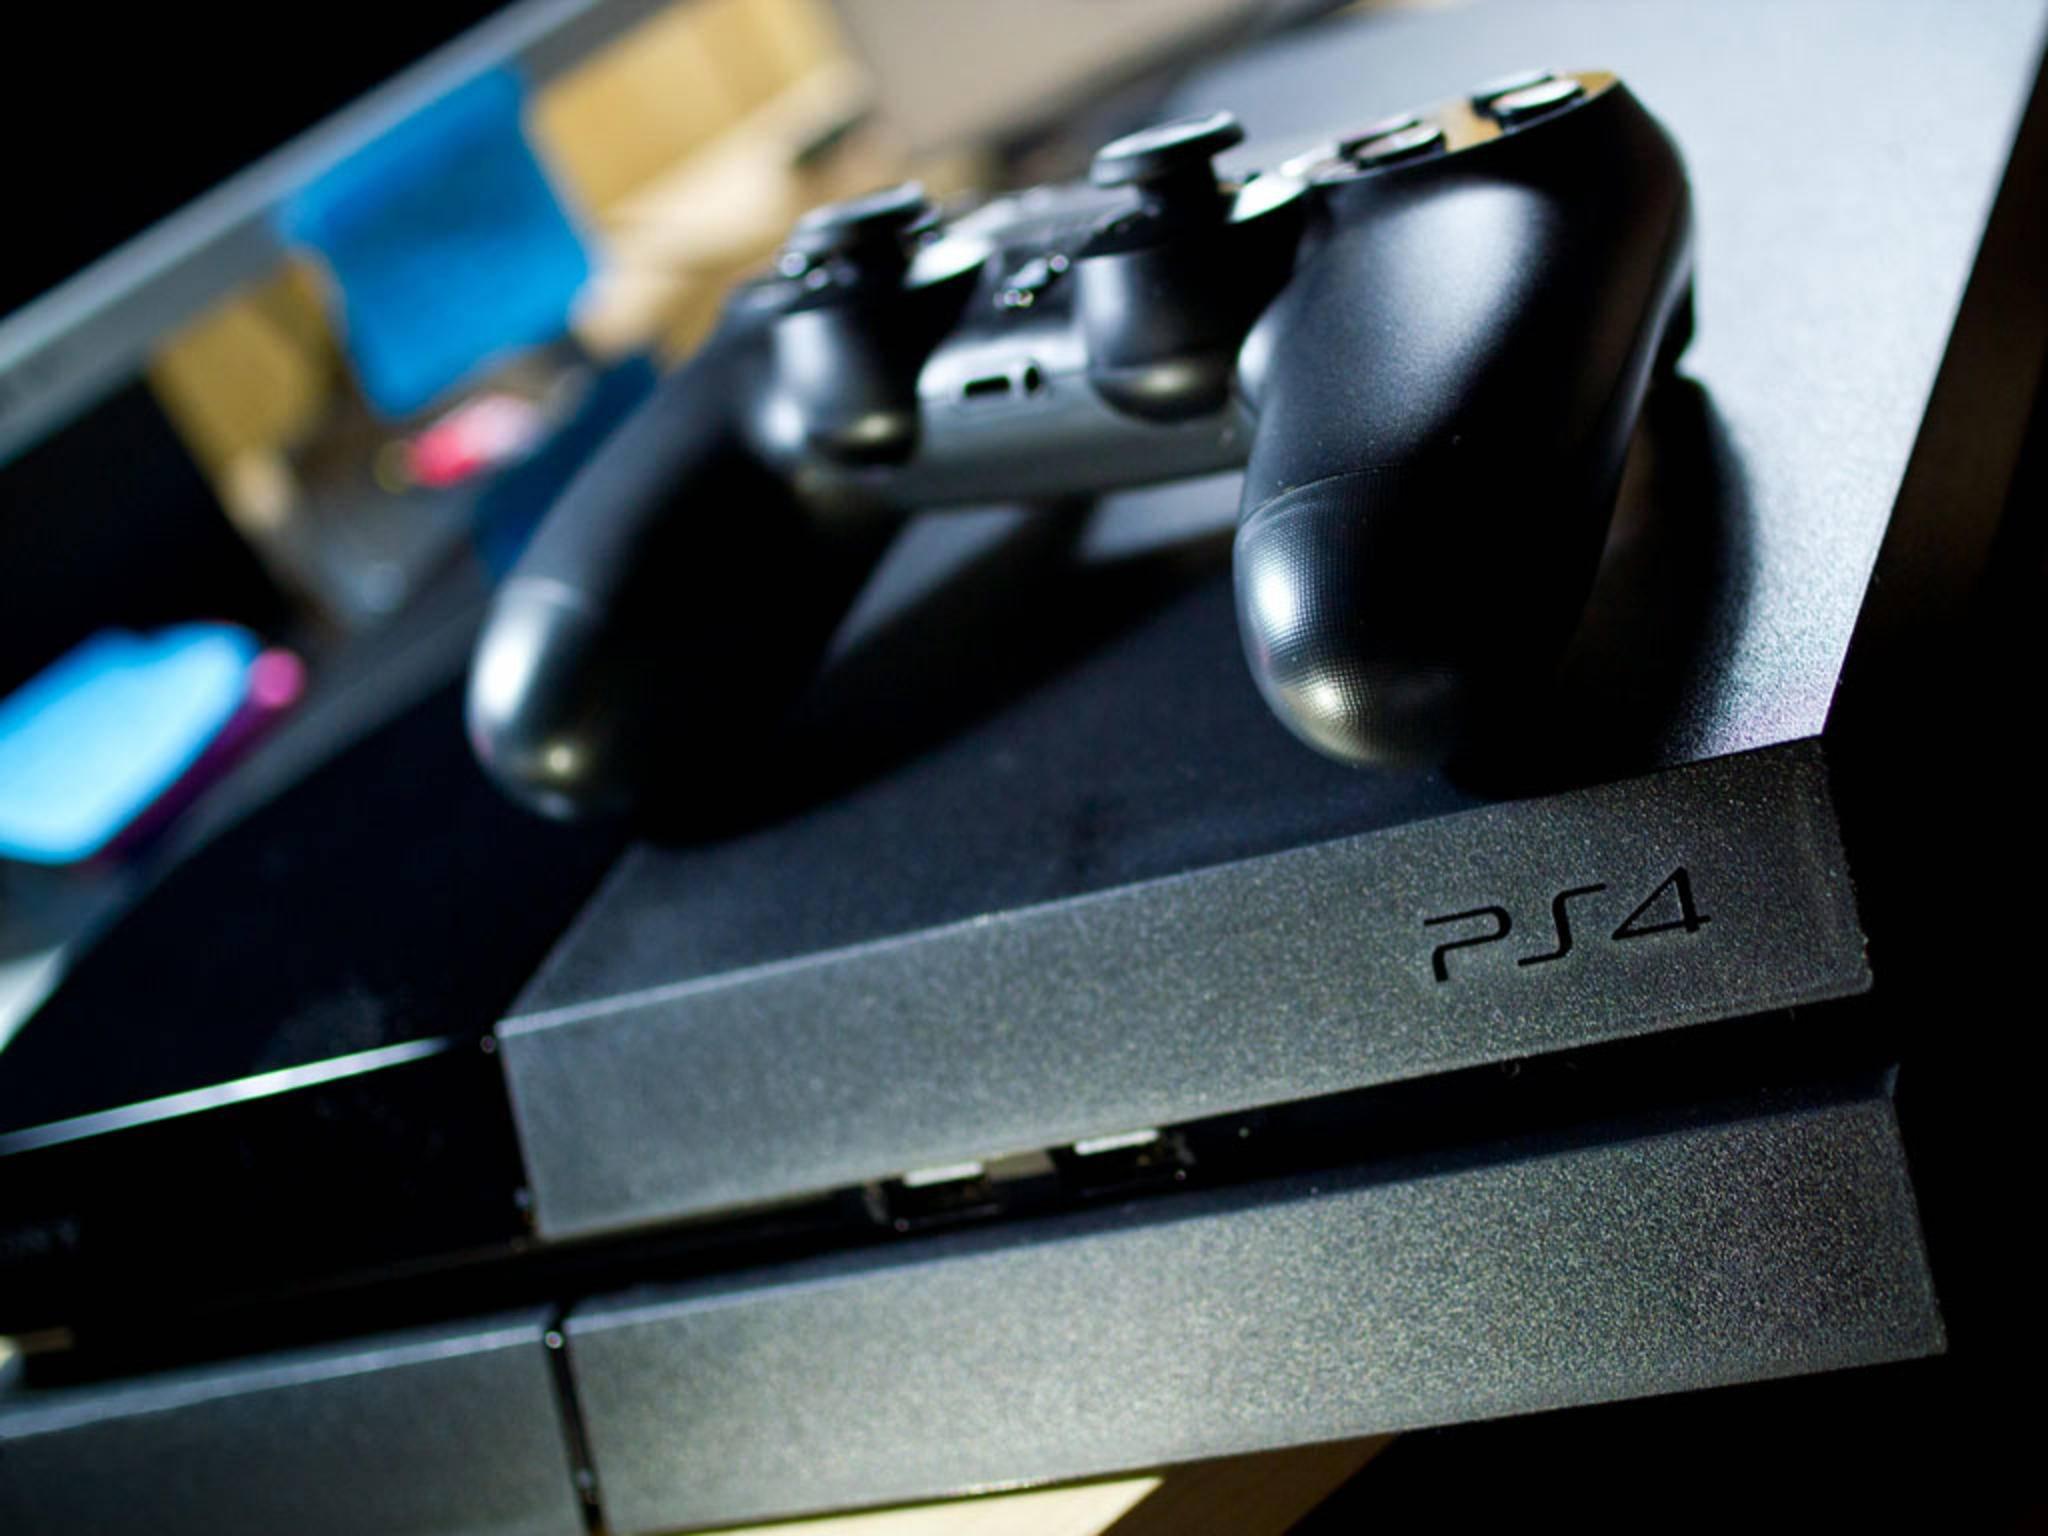 Auf der PlayStation 4 kann man demnächst Twitch-Videos anschauen.